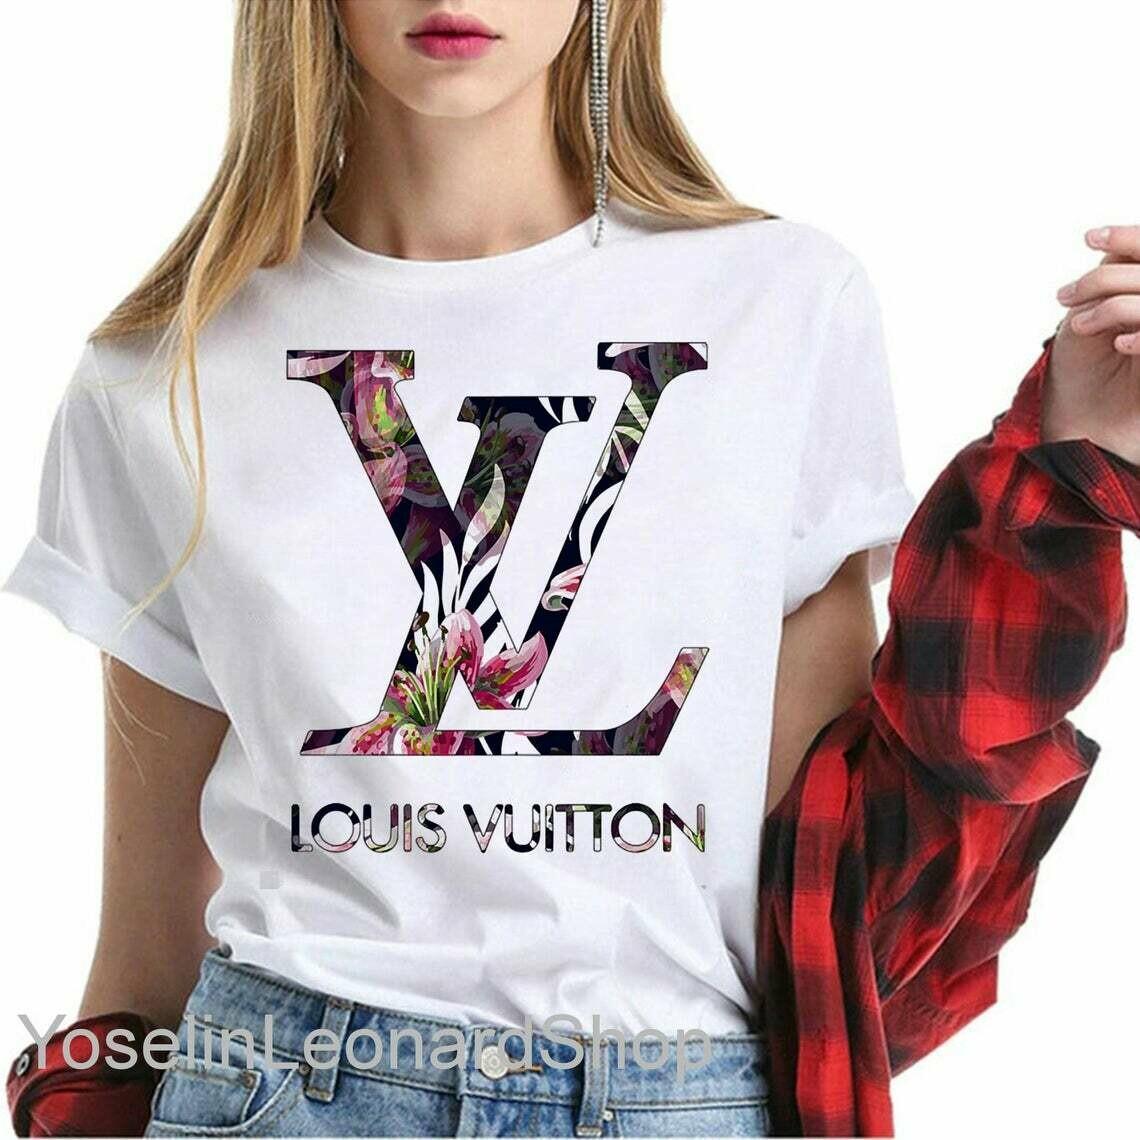 Louis Vuitton, Bleached T Shirt, Louis vuitton  Shirt